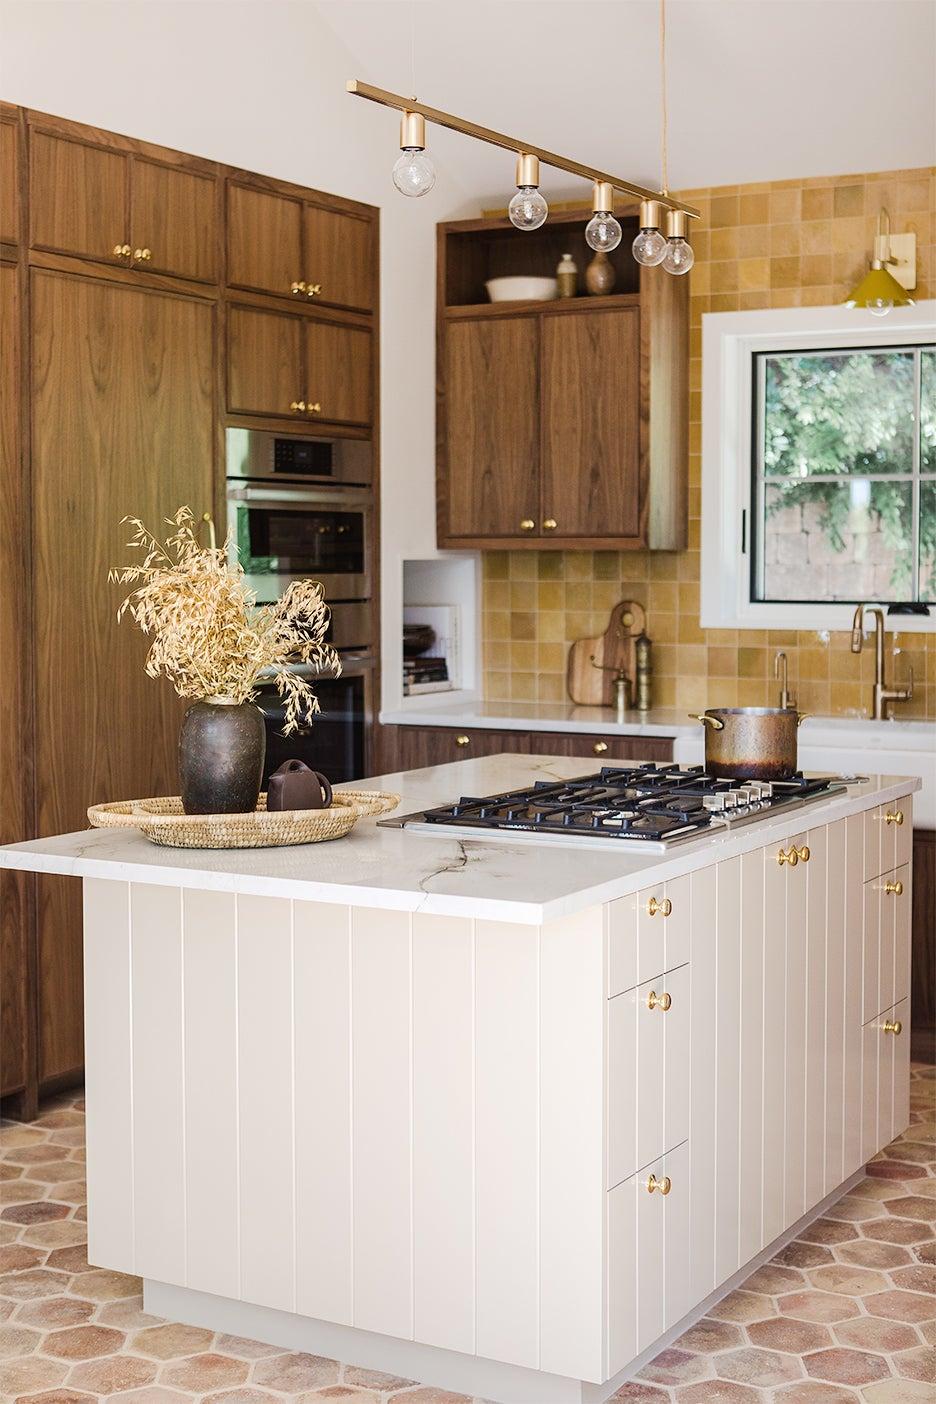 white ilsand in dark wood kitchen